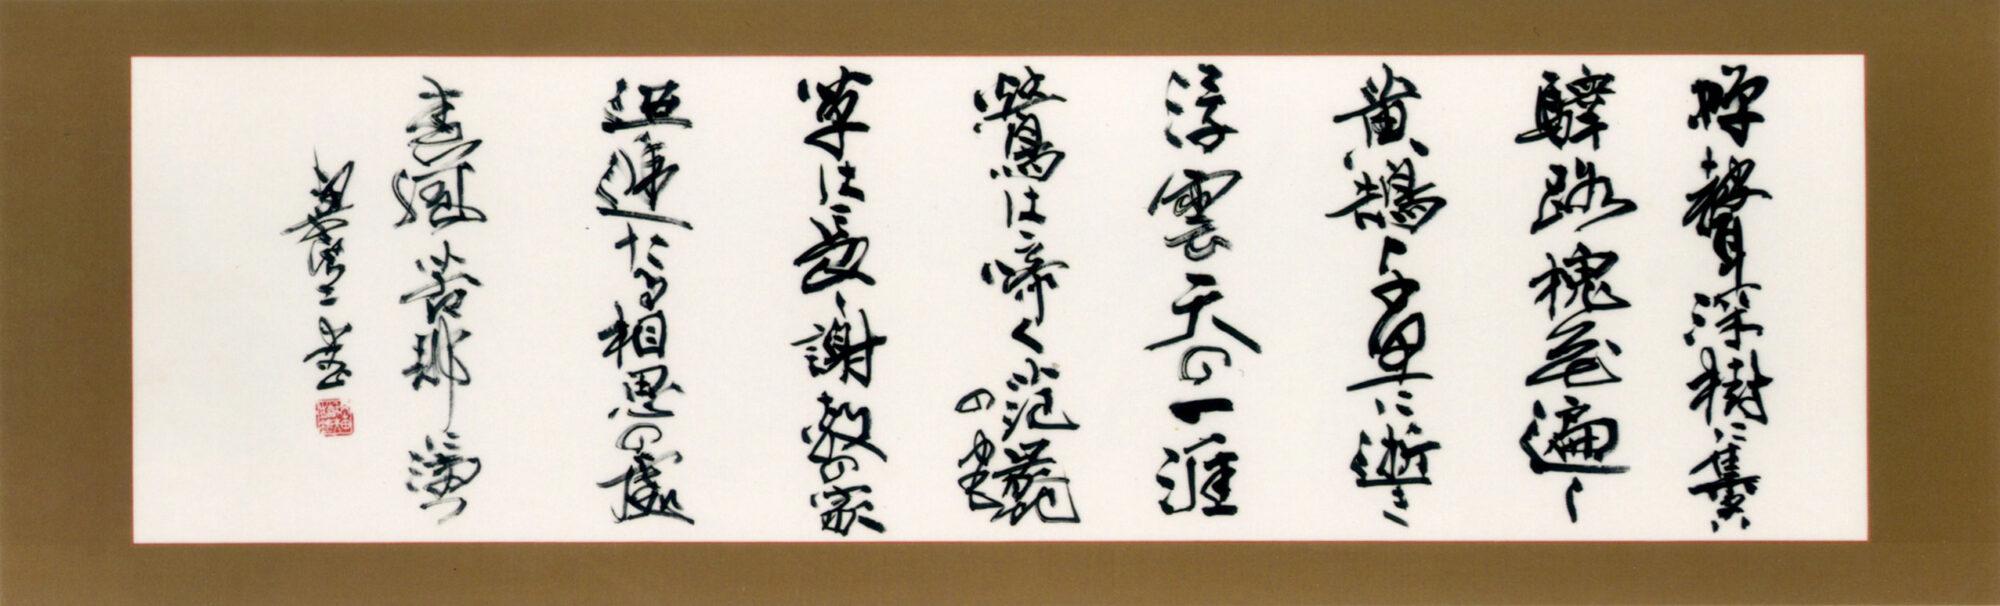 「王漁洋詩」岡田 契雪 1